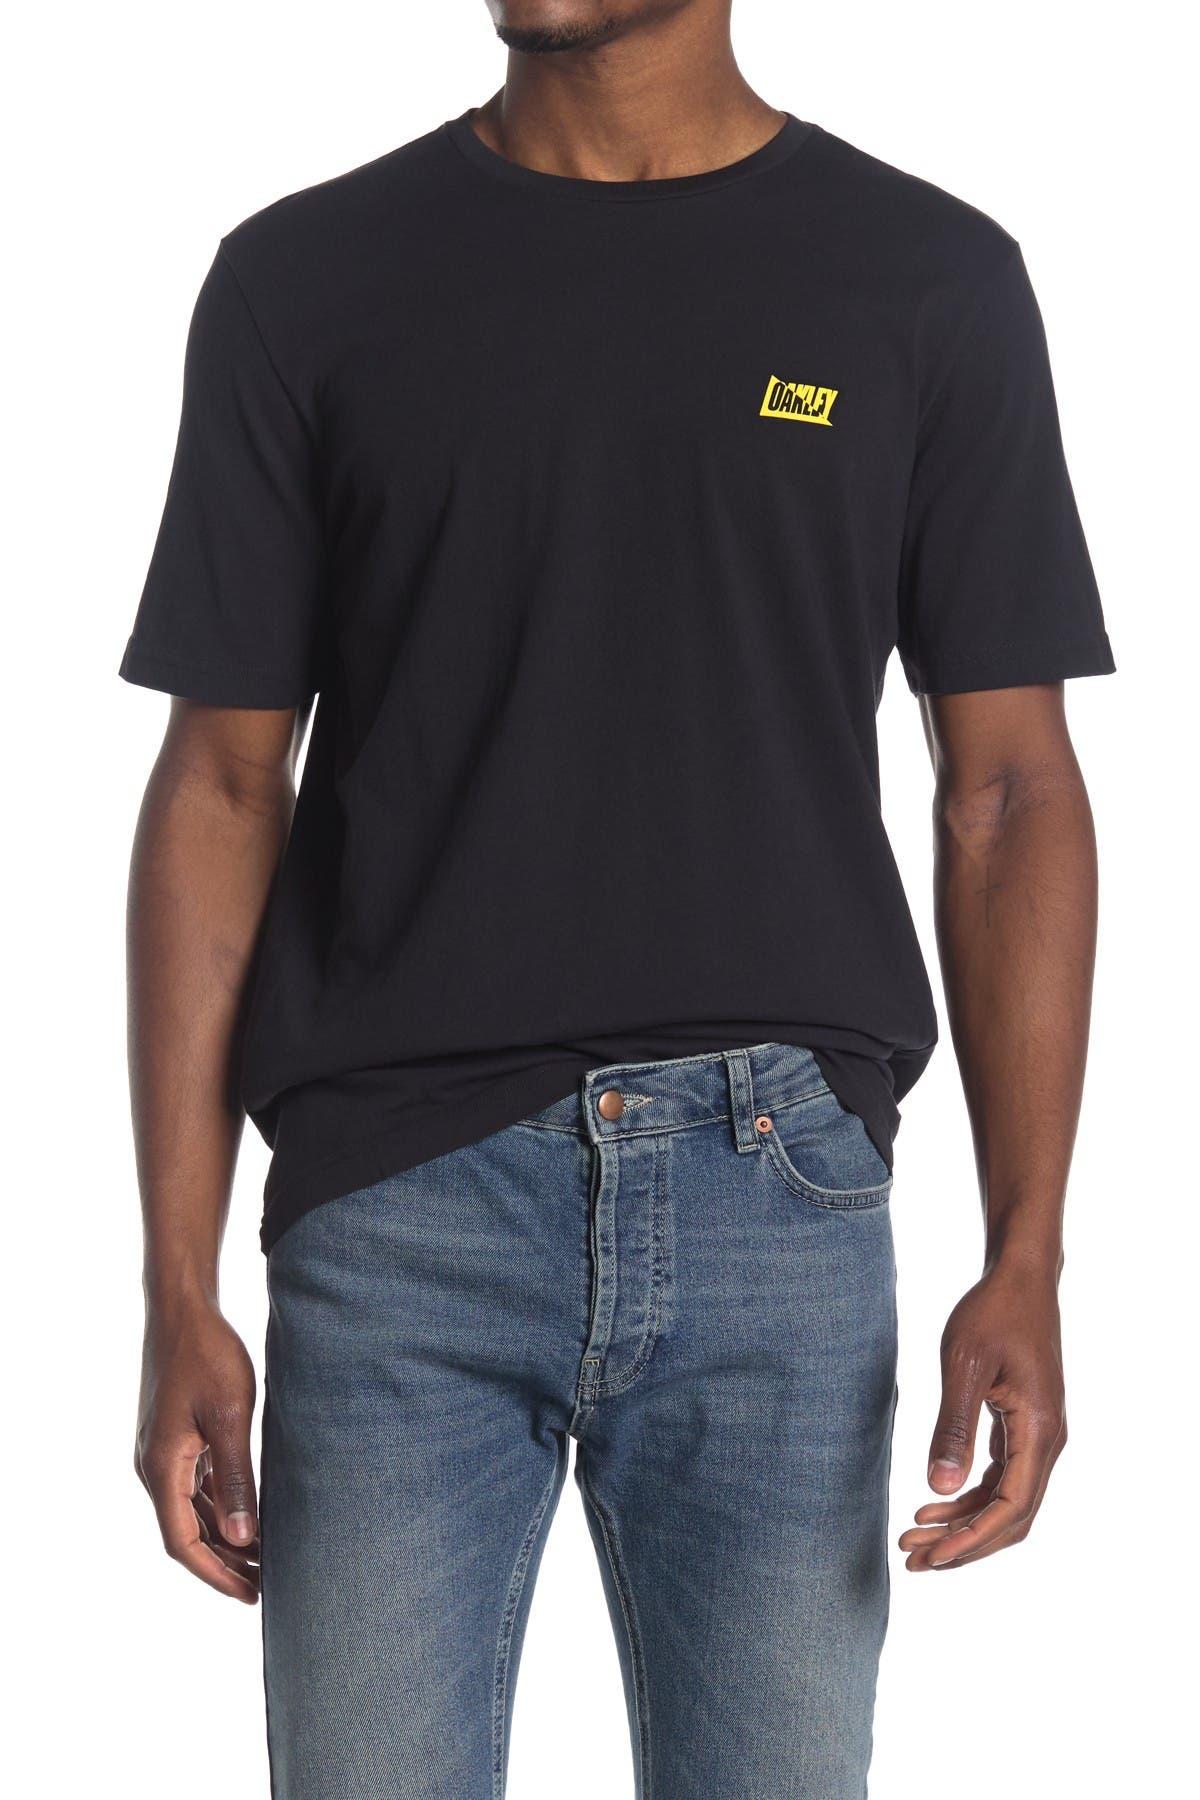 Image of Oakley Broken Logo T-Shirt